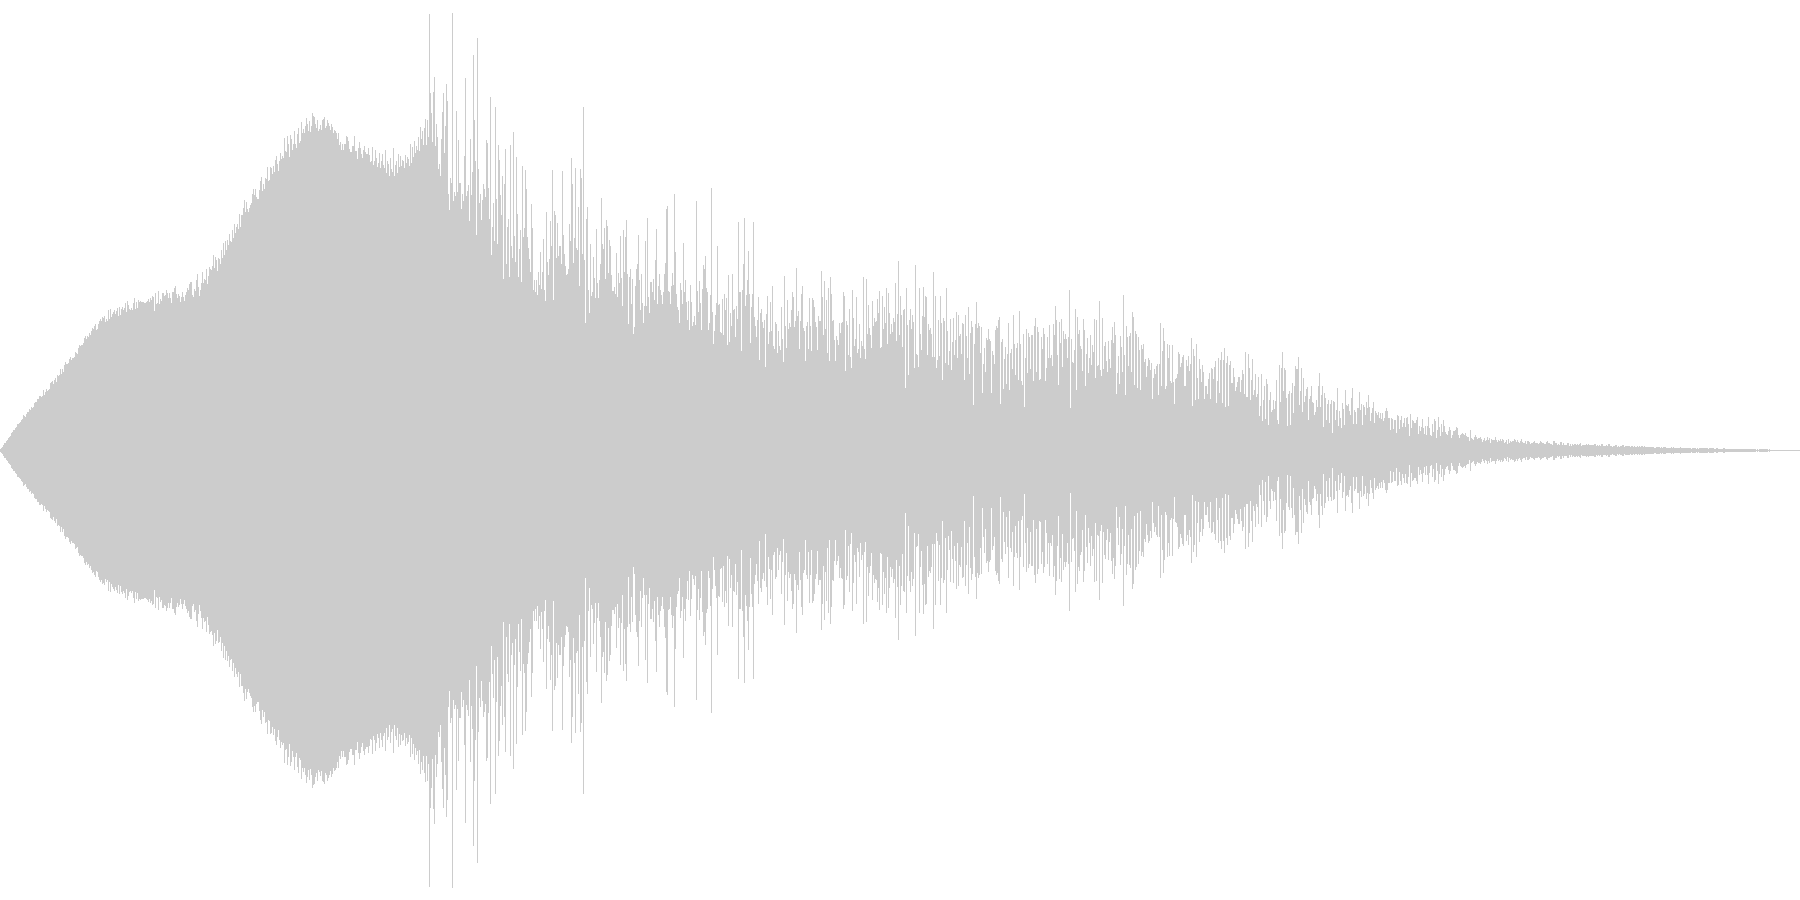 ウィィィンピシャーンの未再生の波形